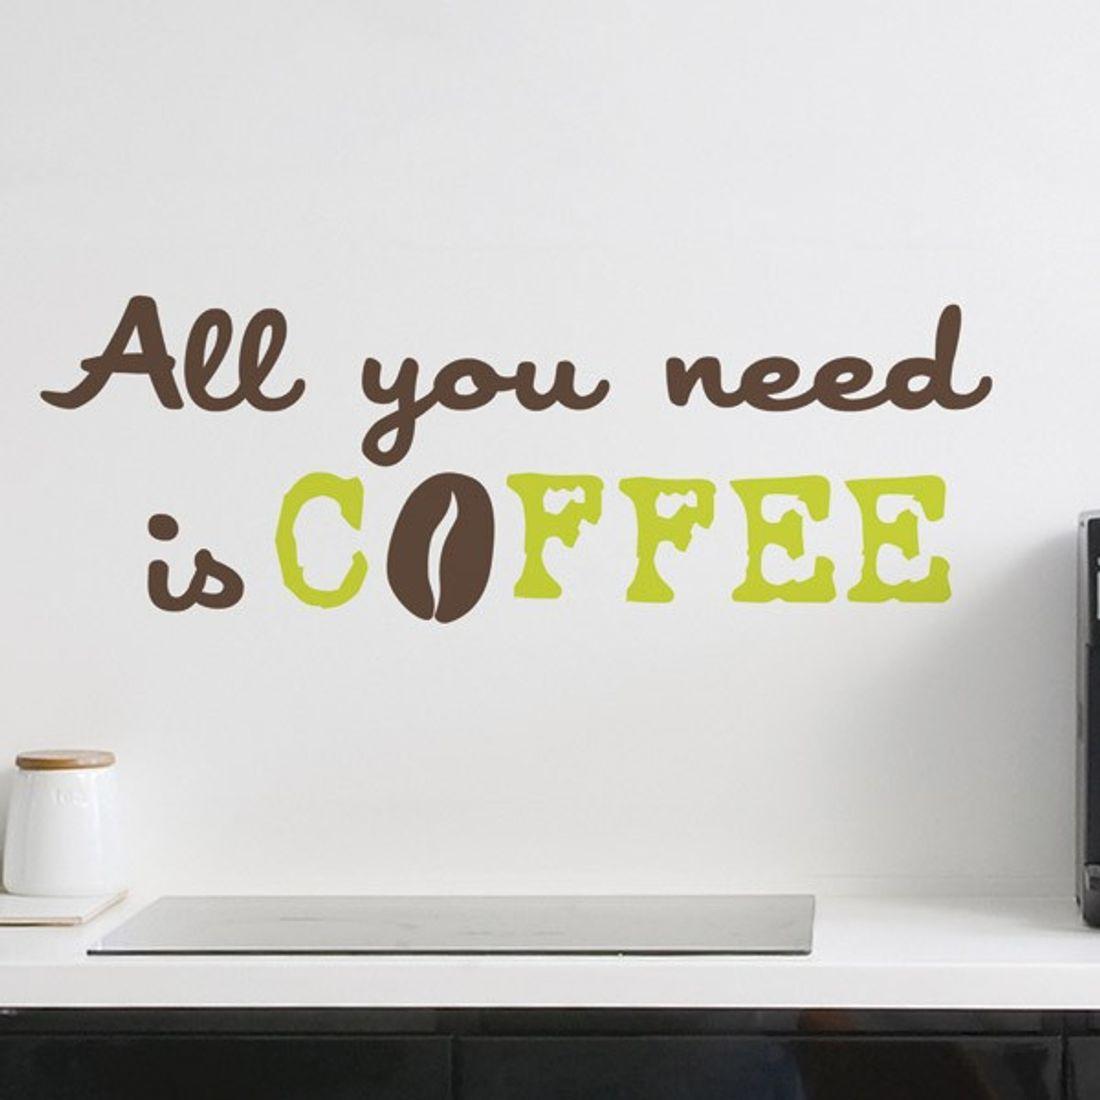 Dekorfolien/ Wandtattoo/ Wandsticker Words Up COFFEE 2 Bl. 31 x 31 cm